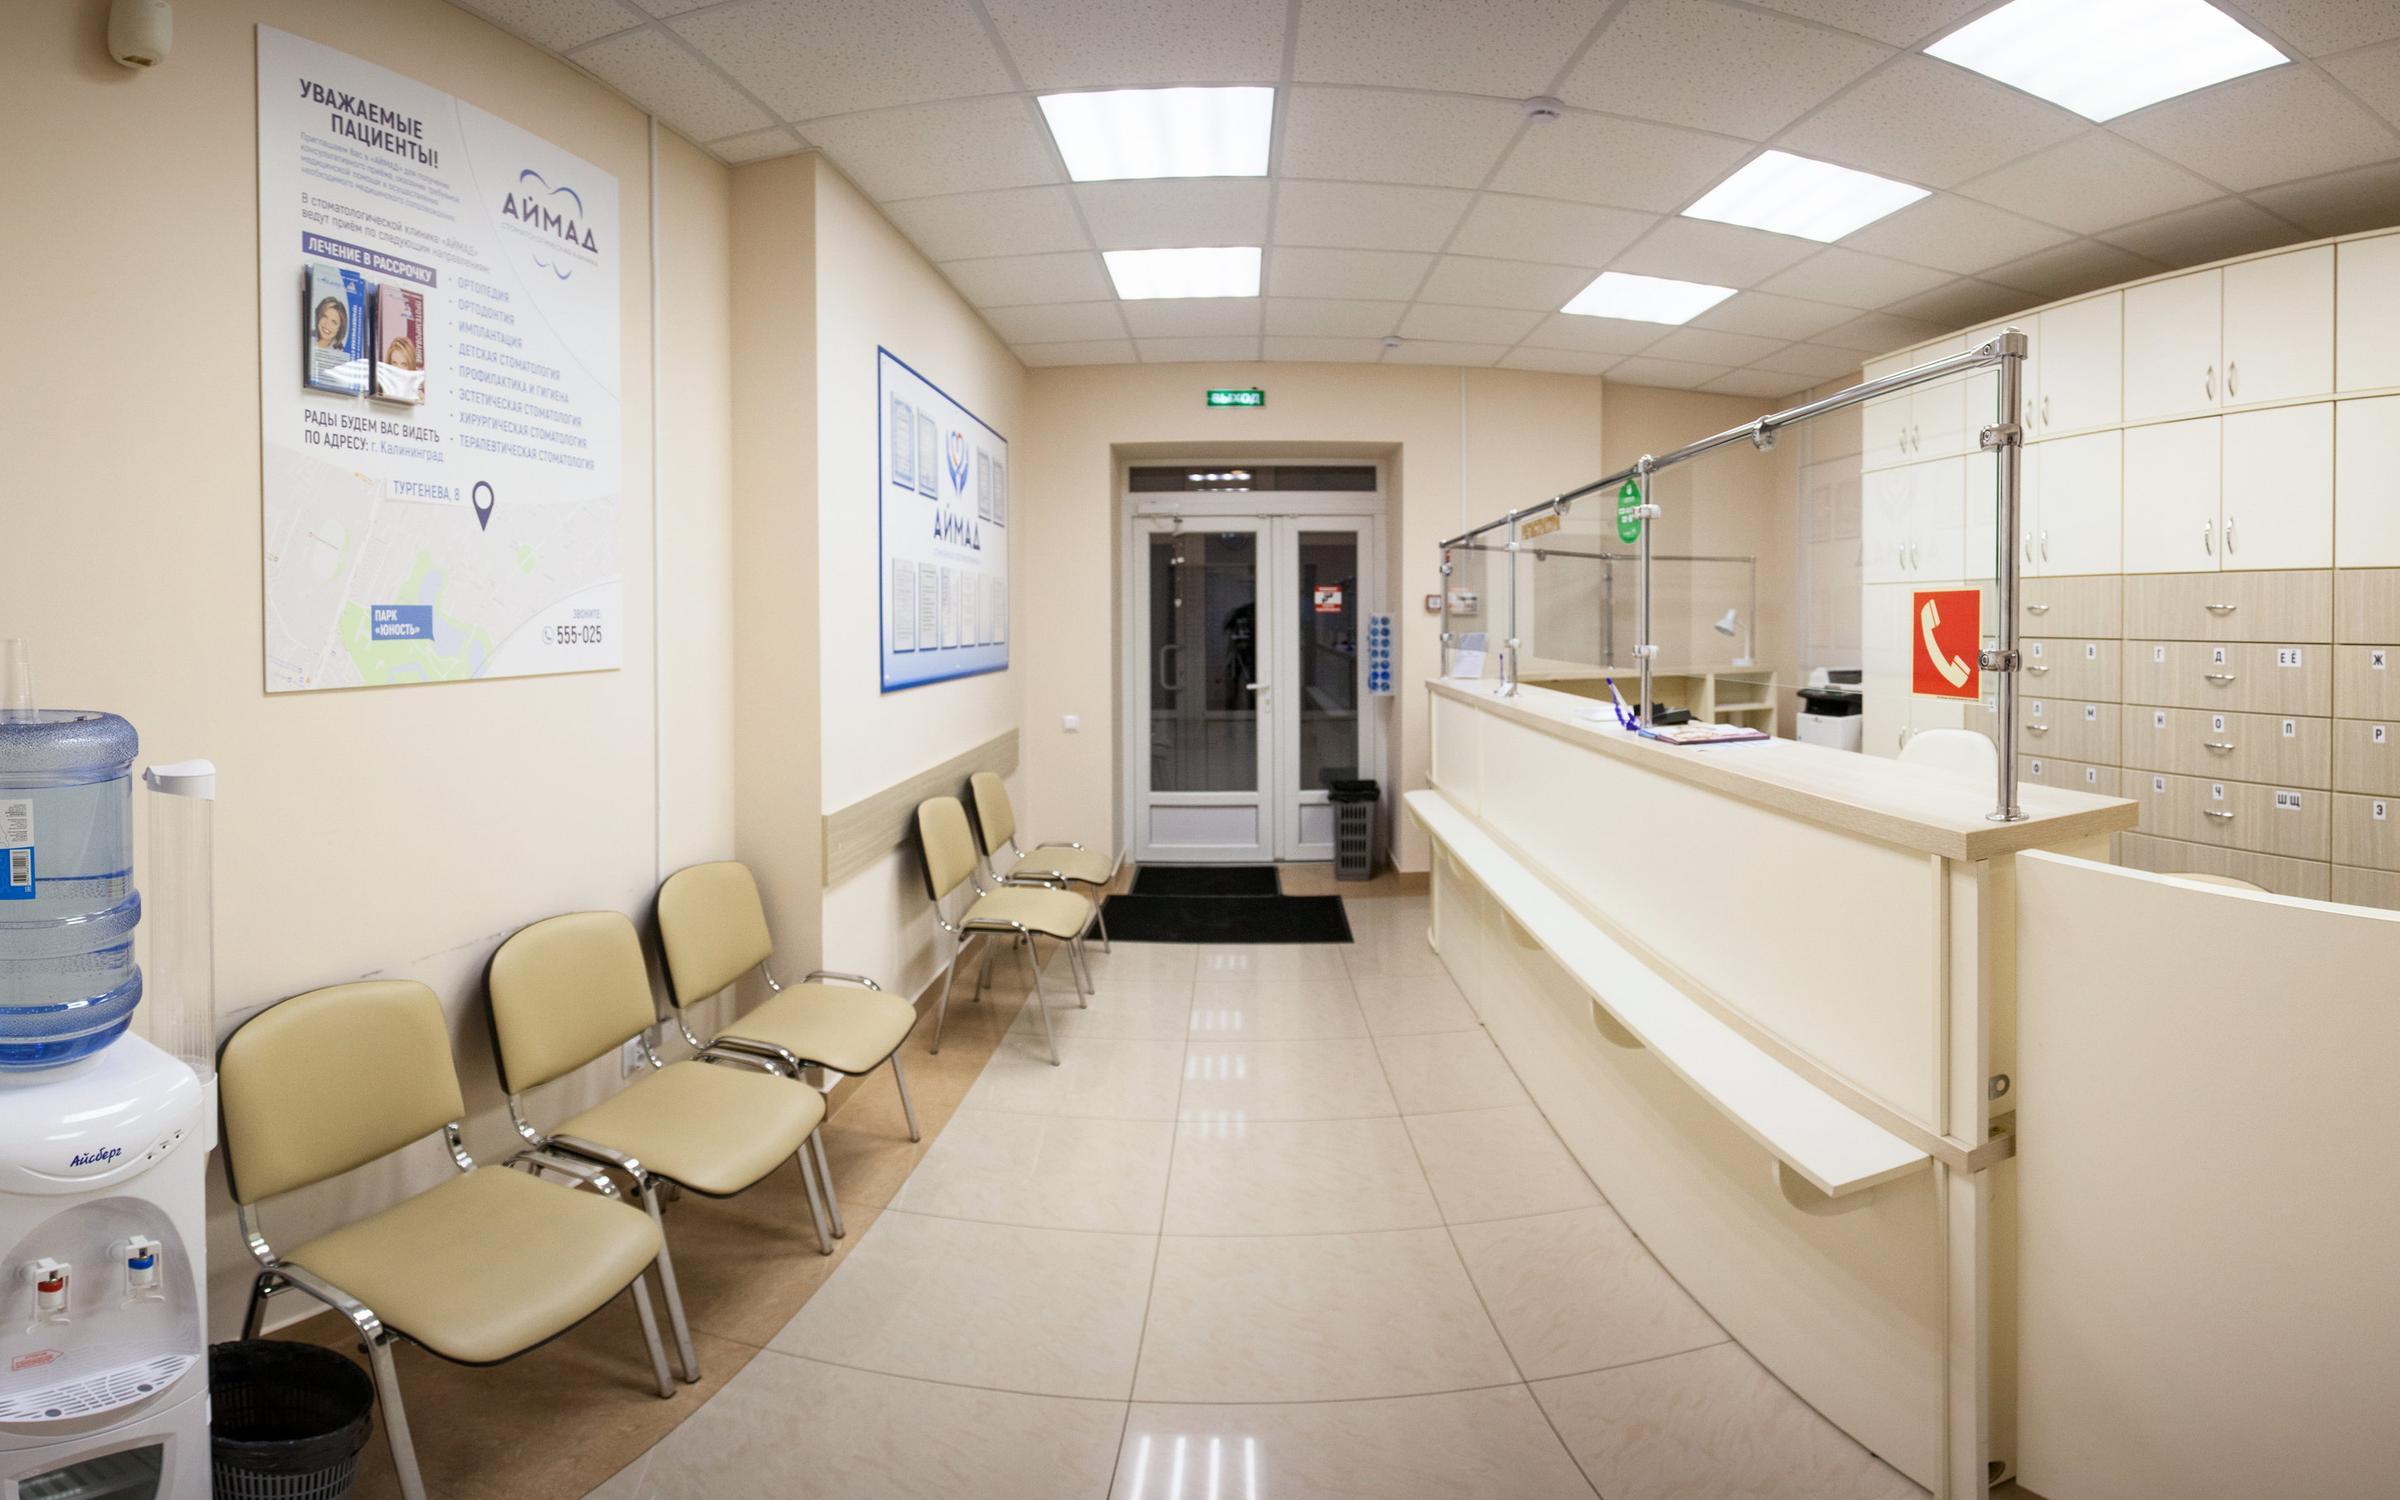 фотография Семейной поликлиники Гармония на Бахчисарайской улице